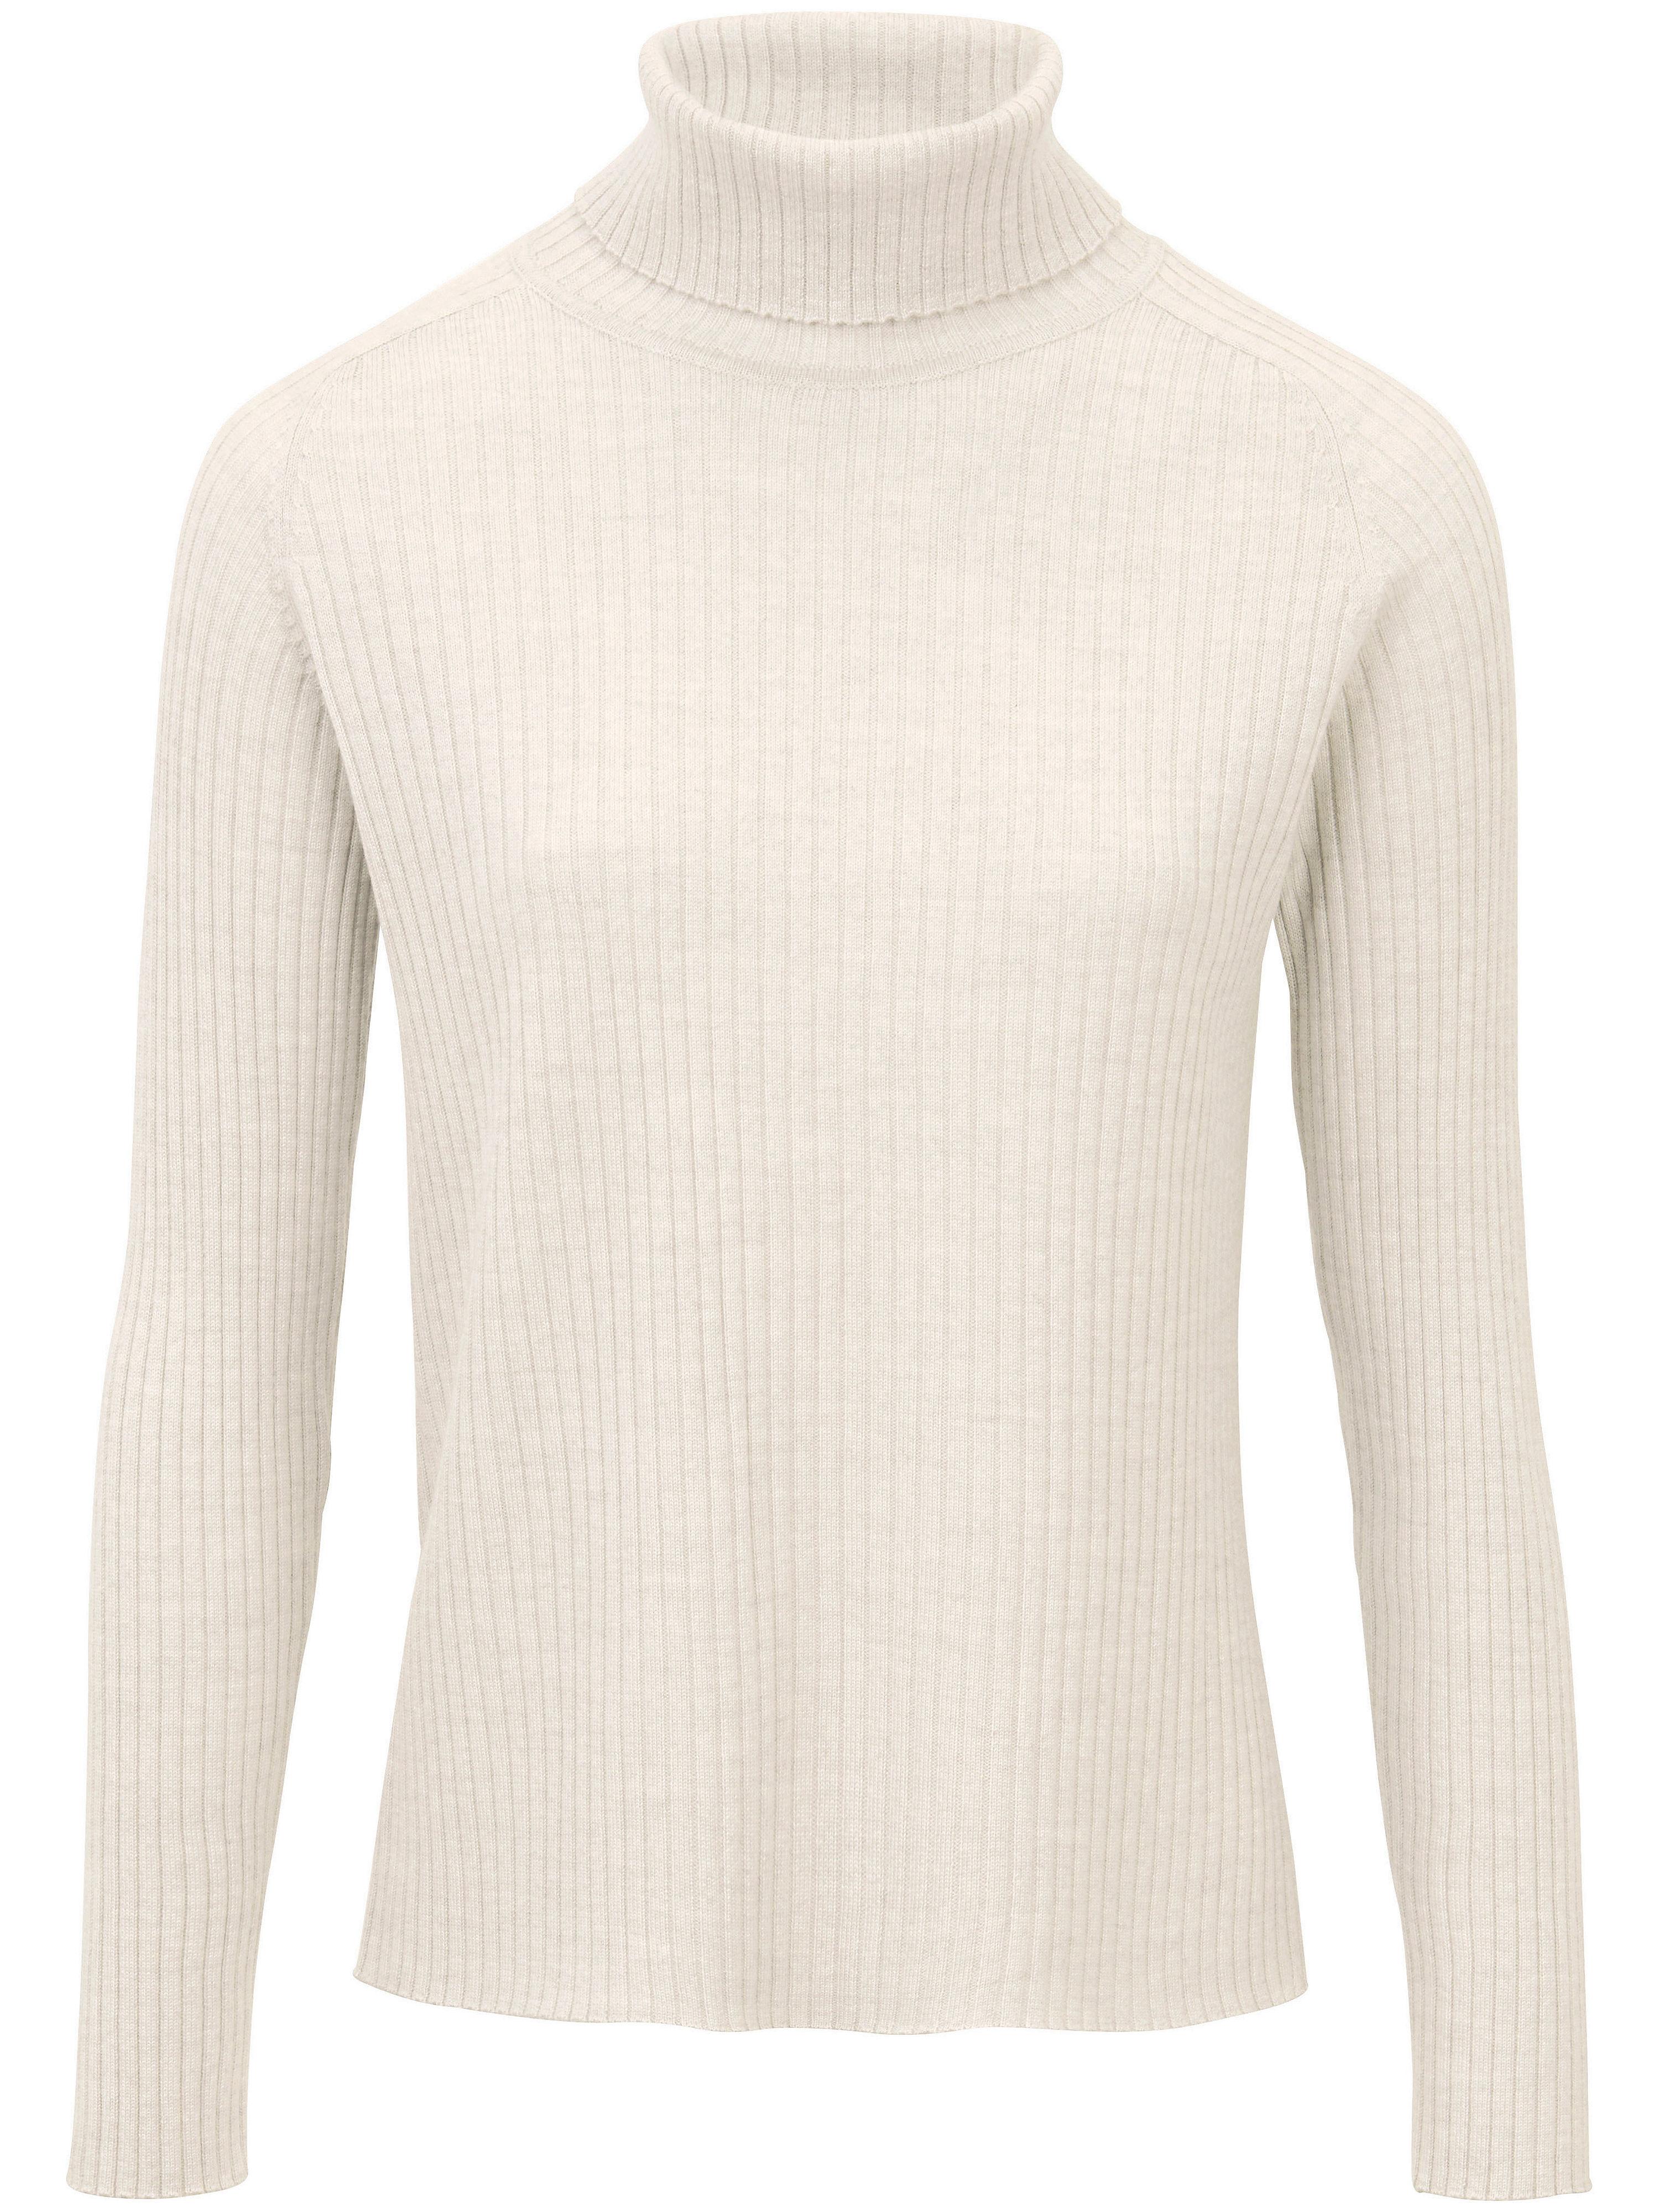 peter hahn - Rollkragen-Pullover aus 100% Schurwolle-Merino  weiss